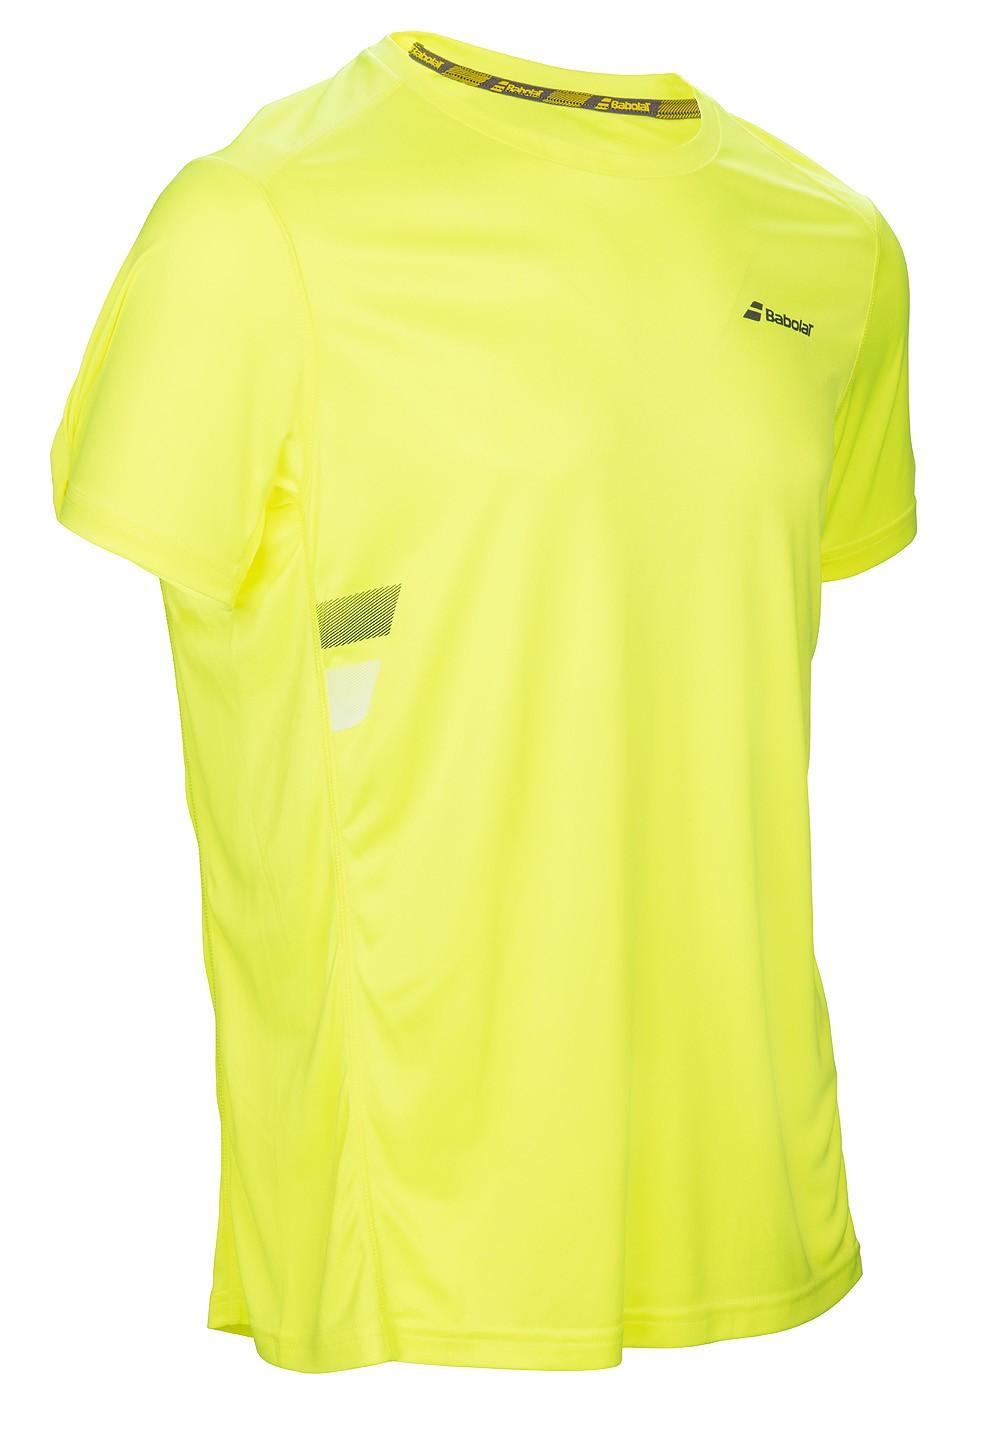 Koszulka tenisowa Babolat Flag Core Tee Aero - wyprzedaż!